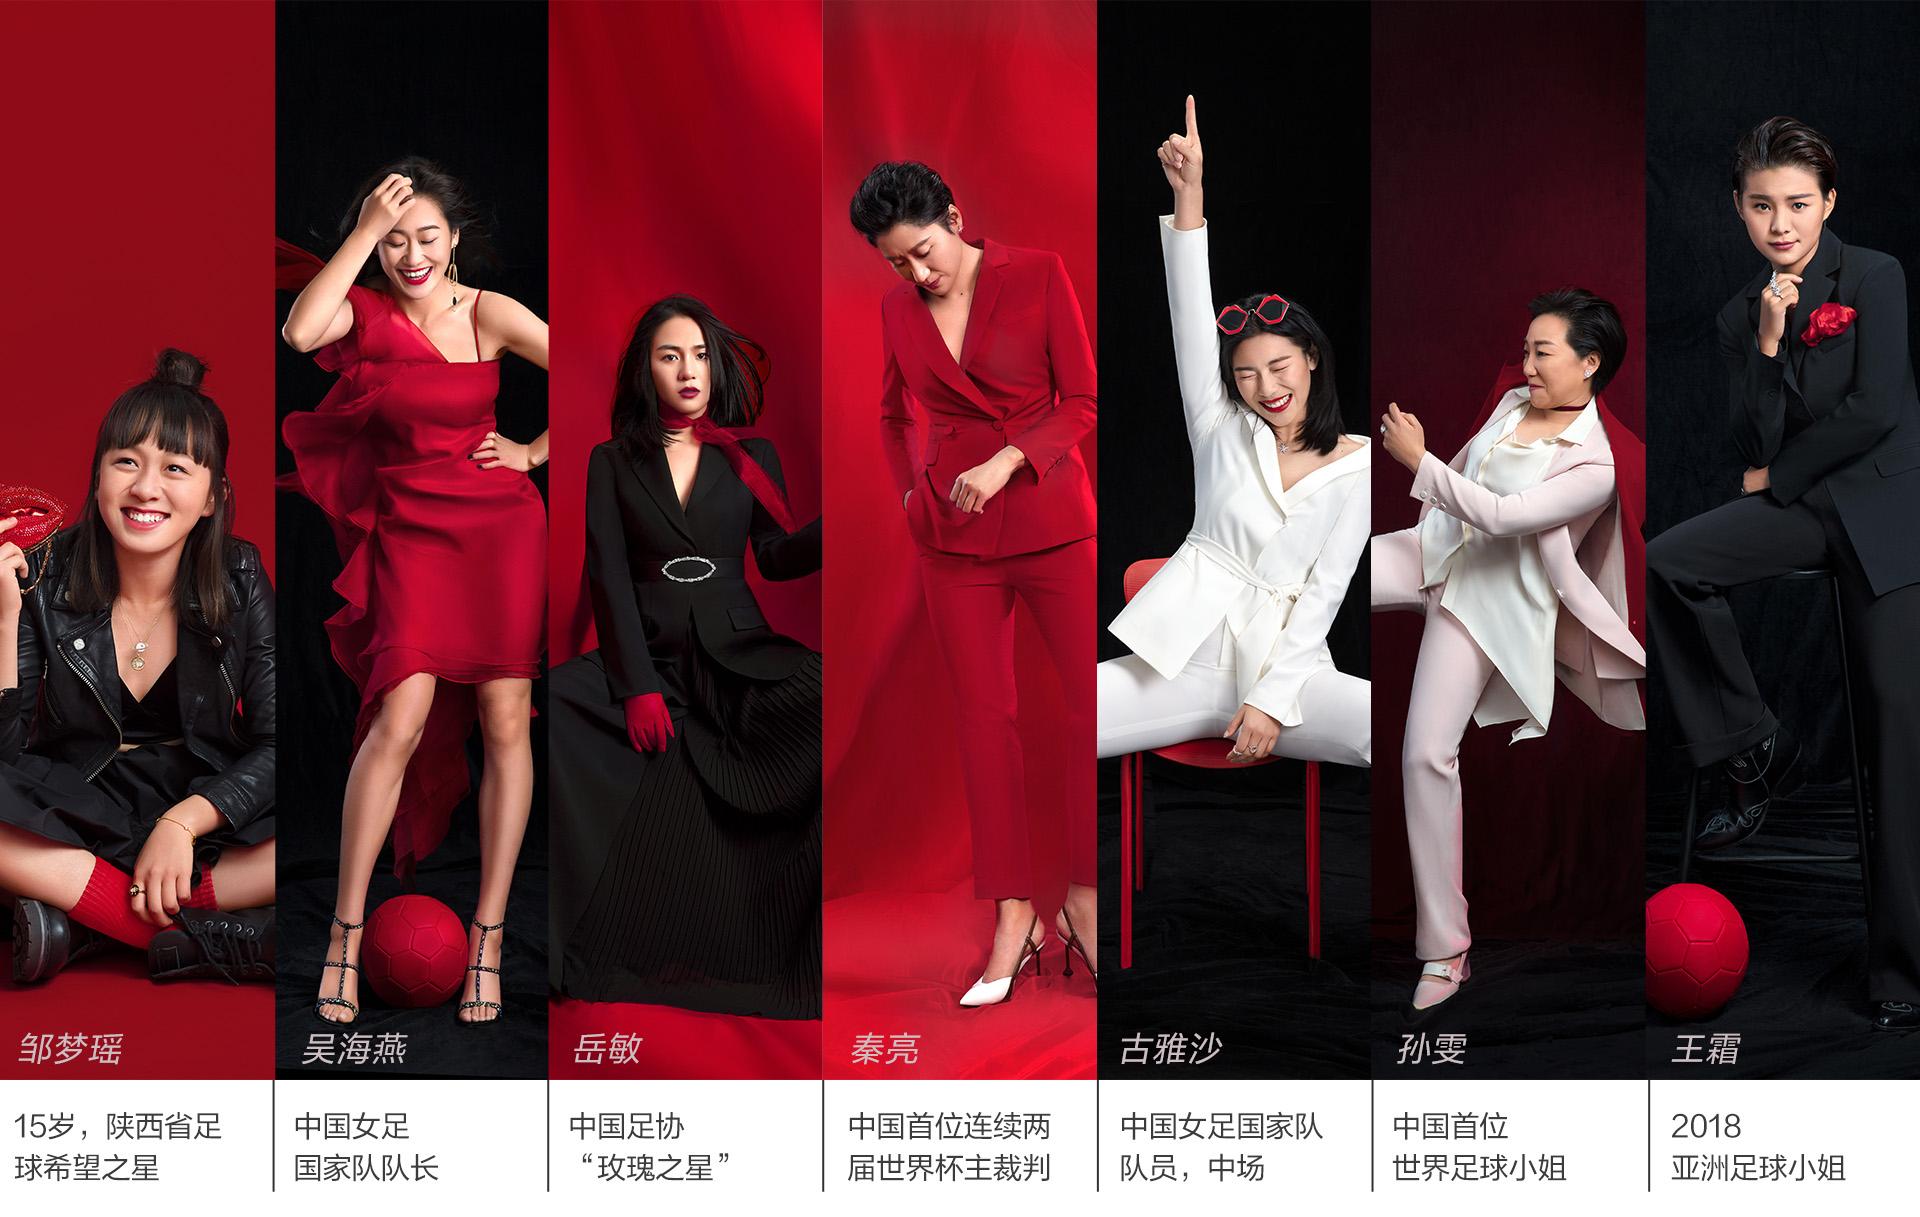 支付宝宣布10年出10亿支持中国女足 无需商业回报